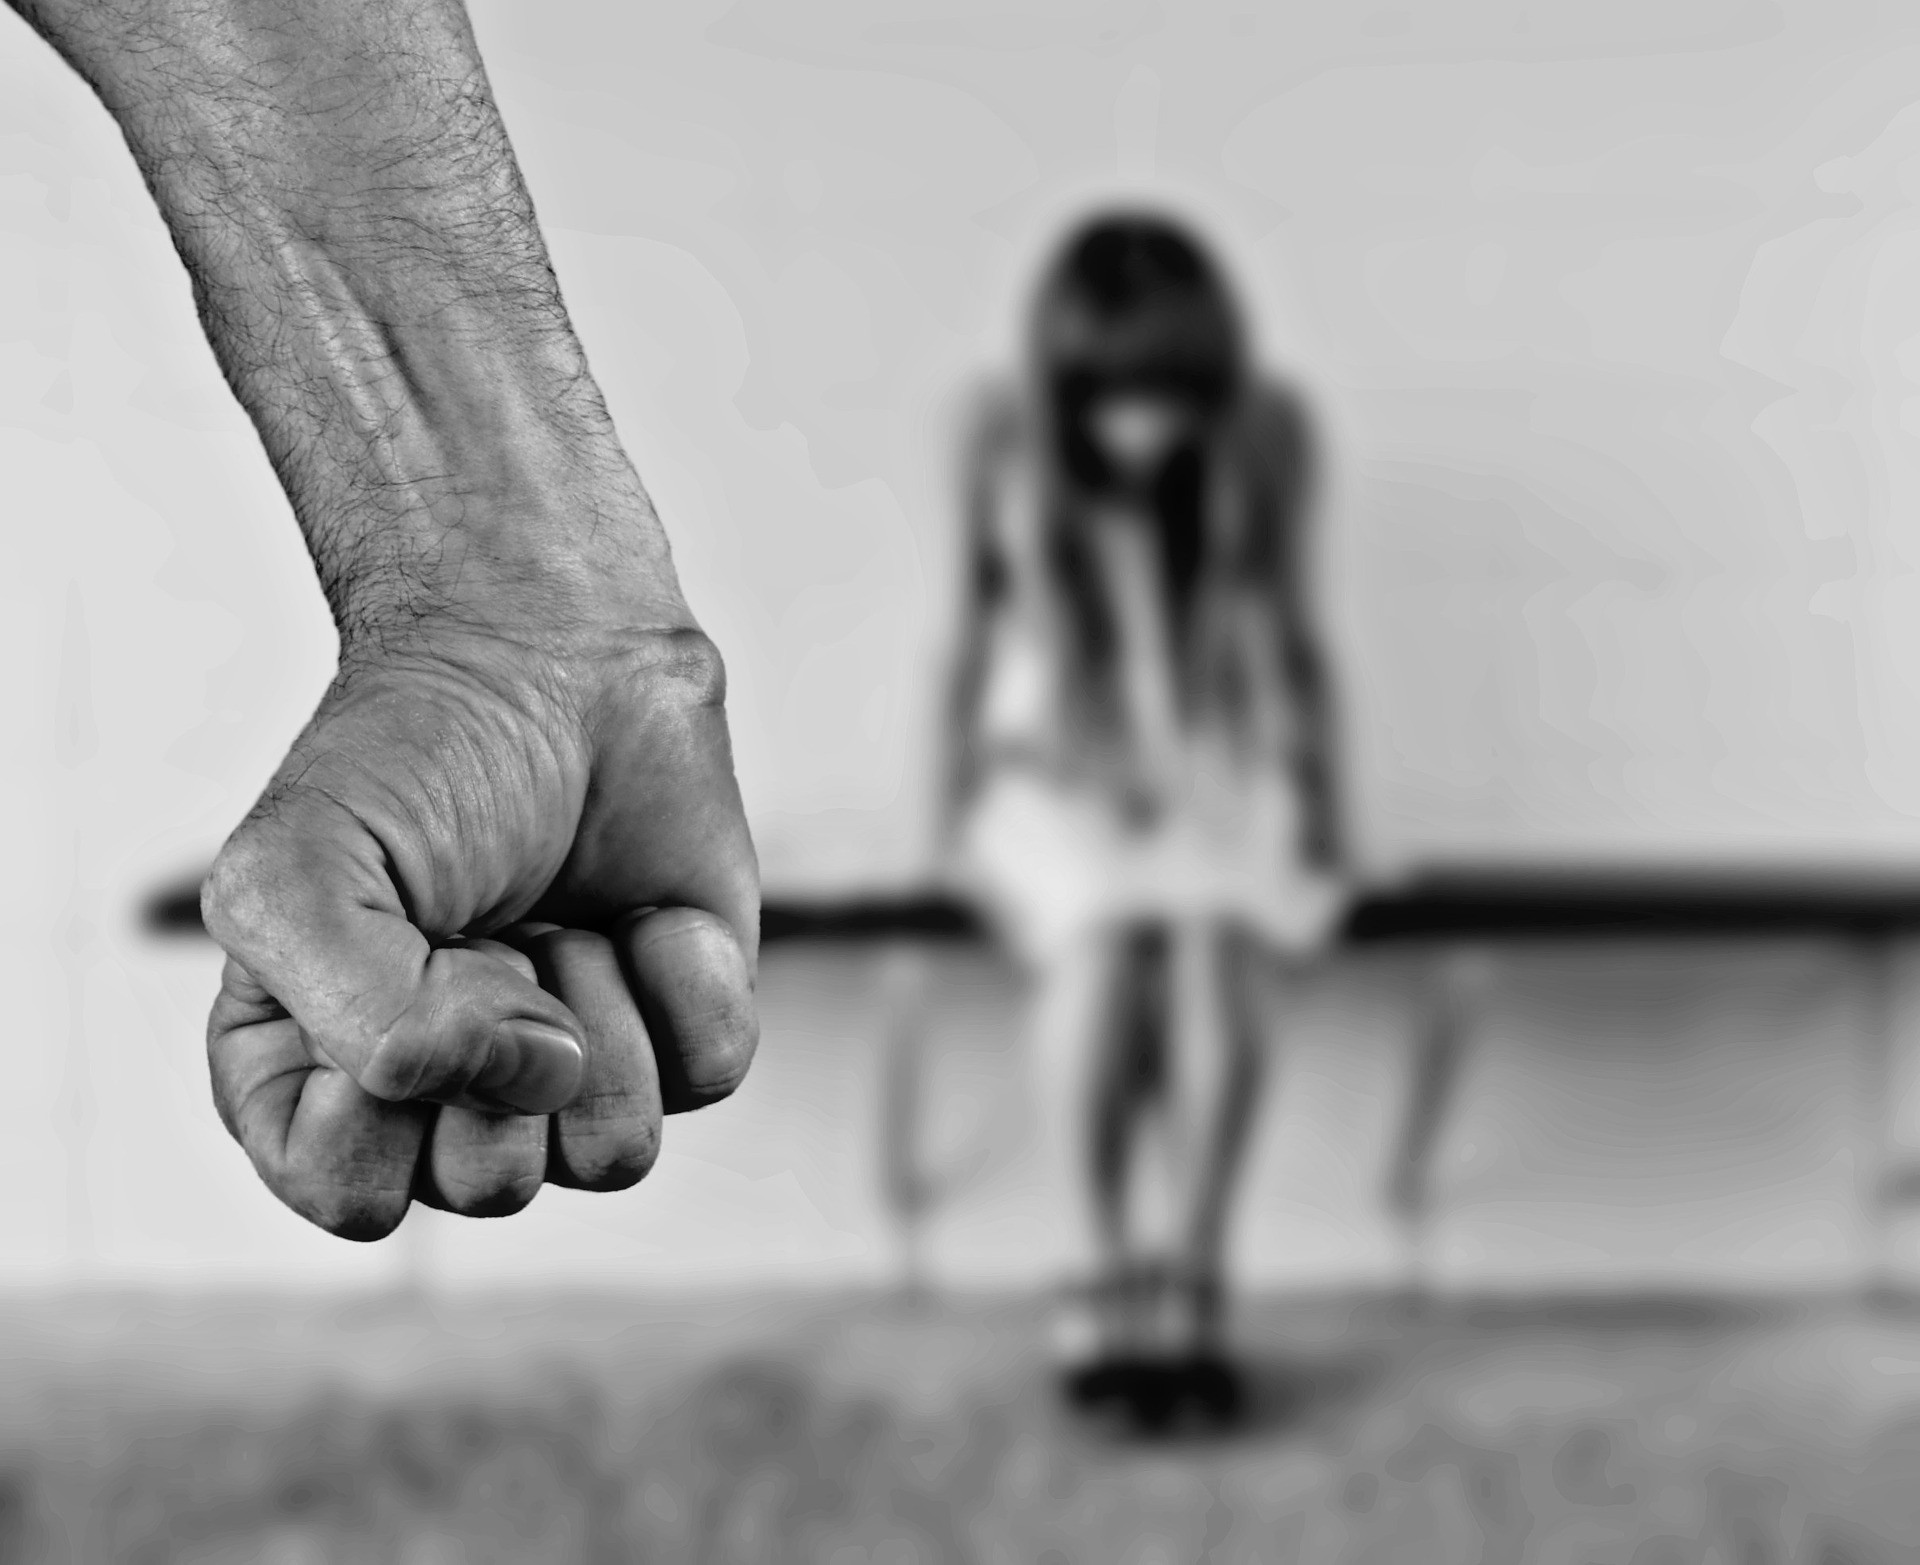 25η Νοεμβρίου – Παγκόσμια Ημέρα κατά της Κακοποίησης της Γυναίκας